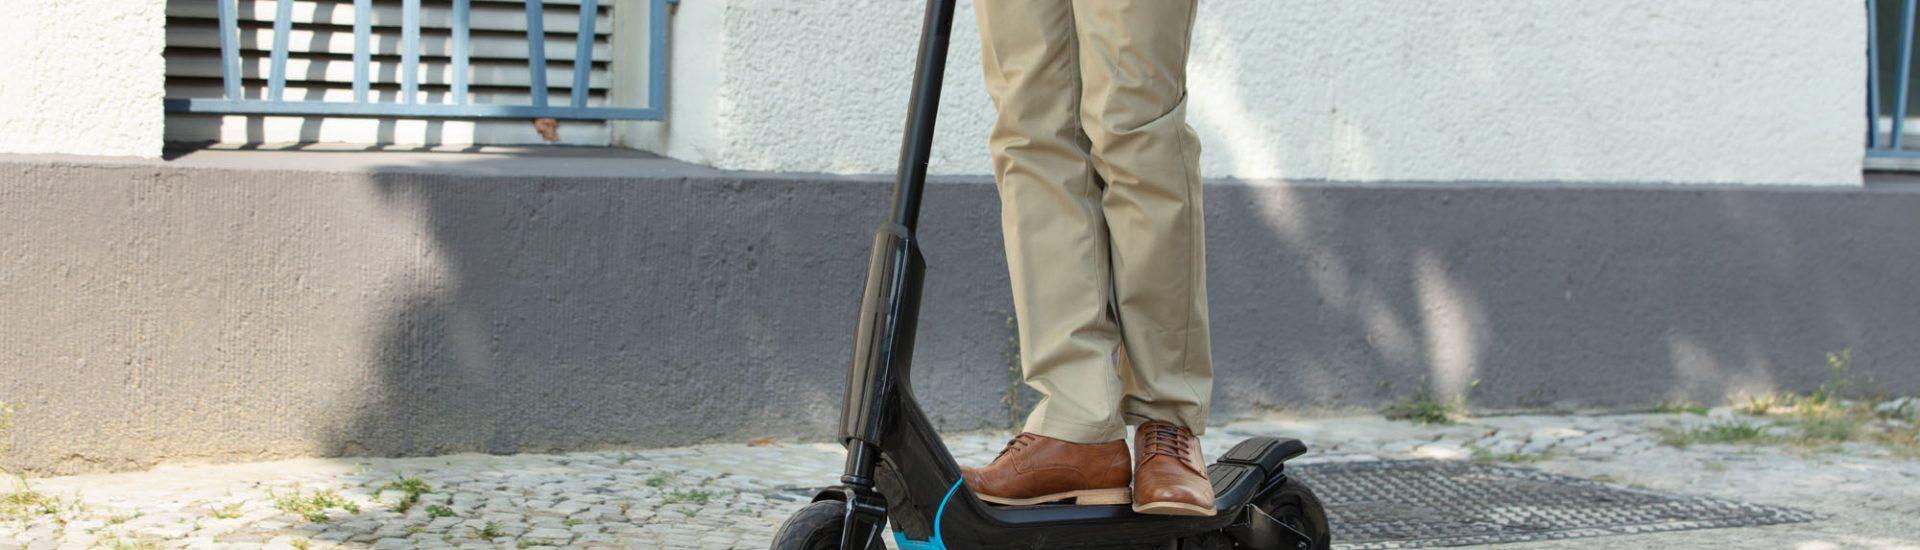 E-Scooter Versicherung: Kosten, Tipps & Anbieter